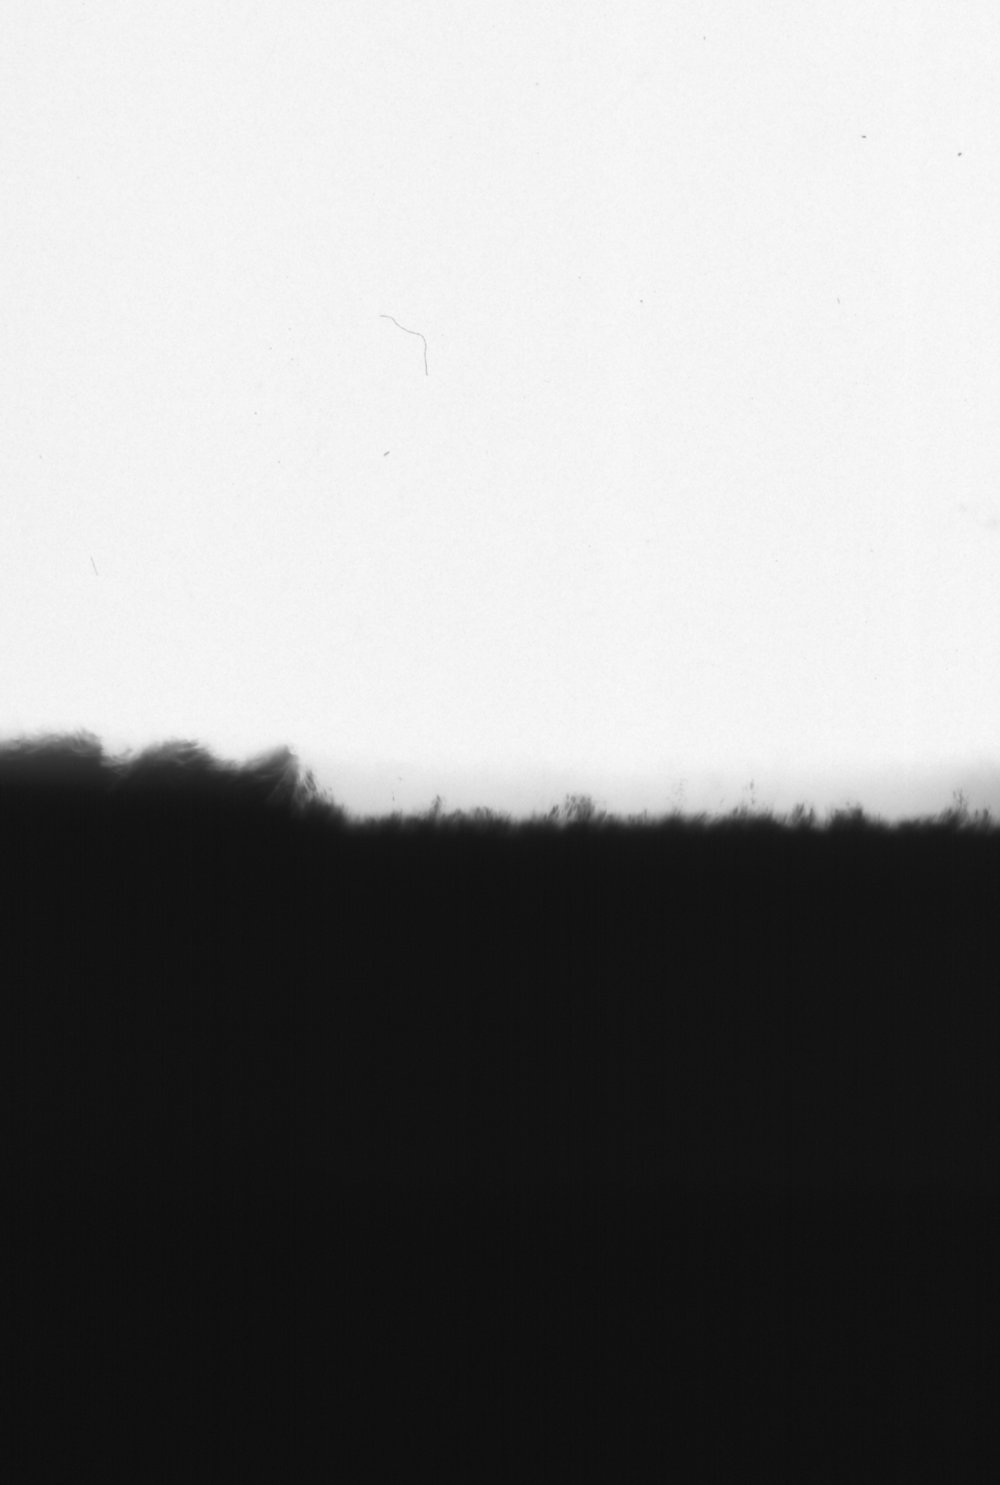 UT.L, framed, 550 x 364 mm, 2018